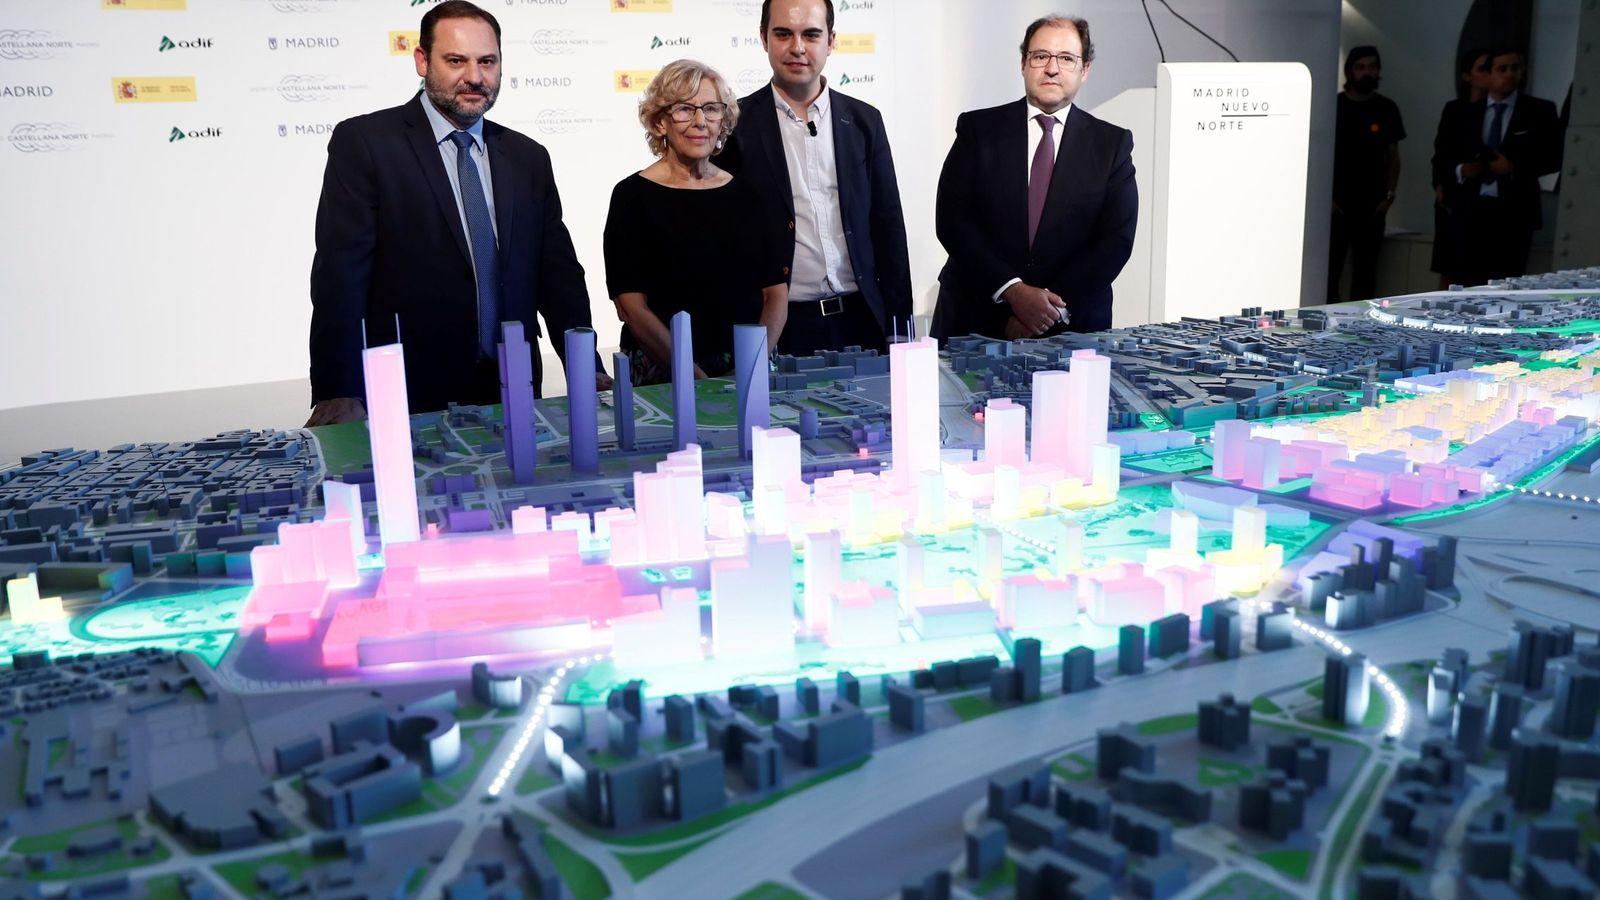 Foto: La exalcaldesa de Madrid Manuela Carmena y el ministro de Fomento en funciones, José Luis Ábalos (i), durante la presentación de la maqueta del proyecto Madrid Nuevo Norte. (EFE)